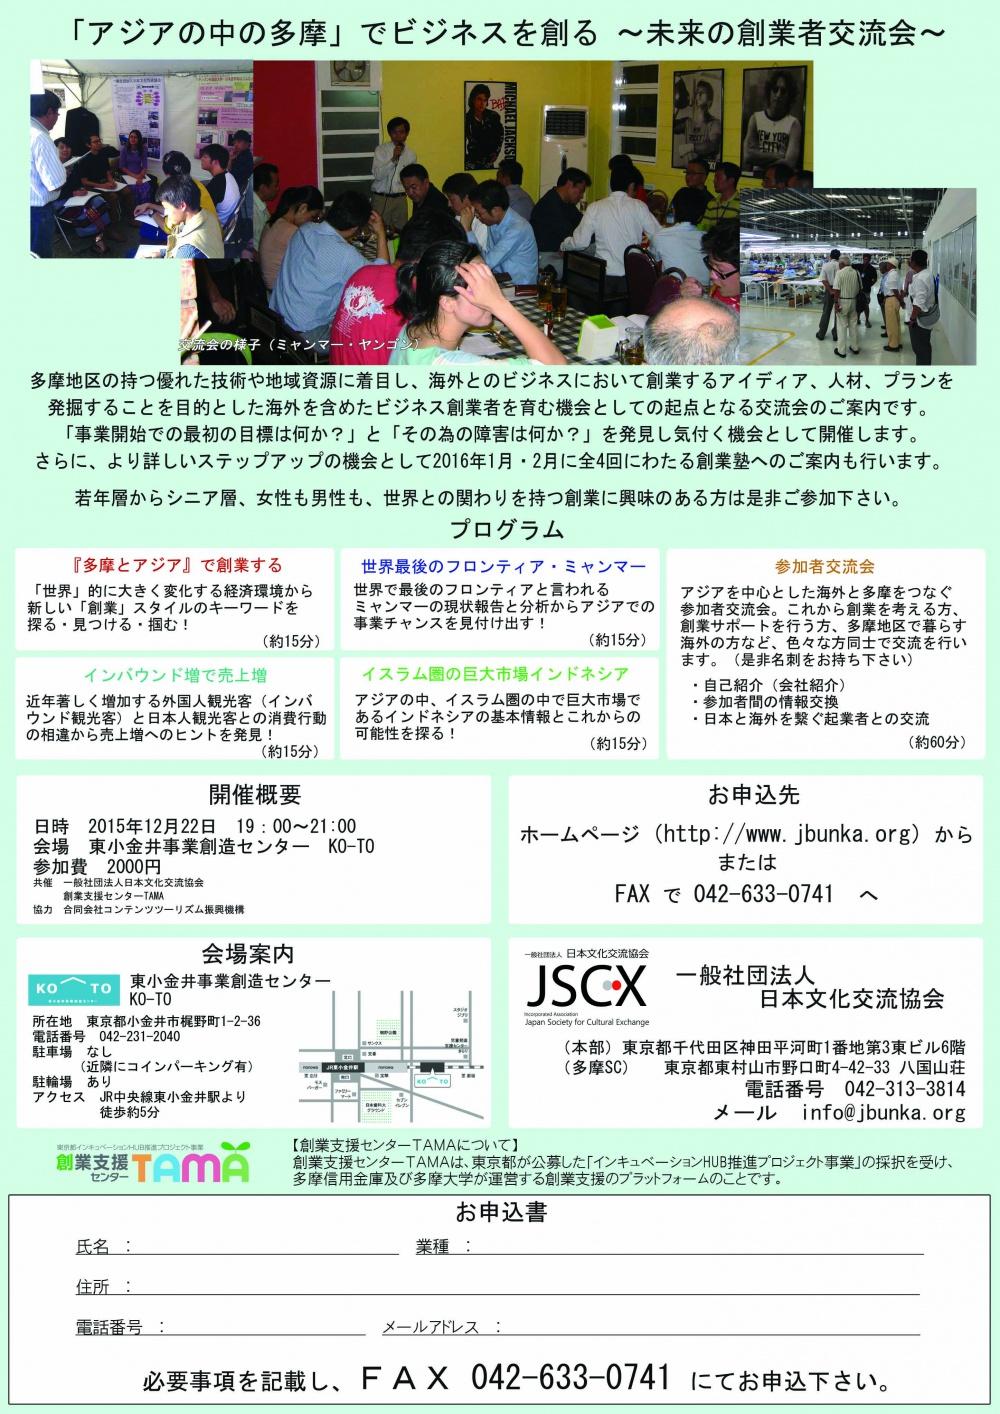 コンテンツツーリズム振興機構さんが「アジアの中の多摩」をテーマに交流会&創業塾を開催されます